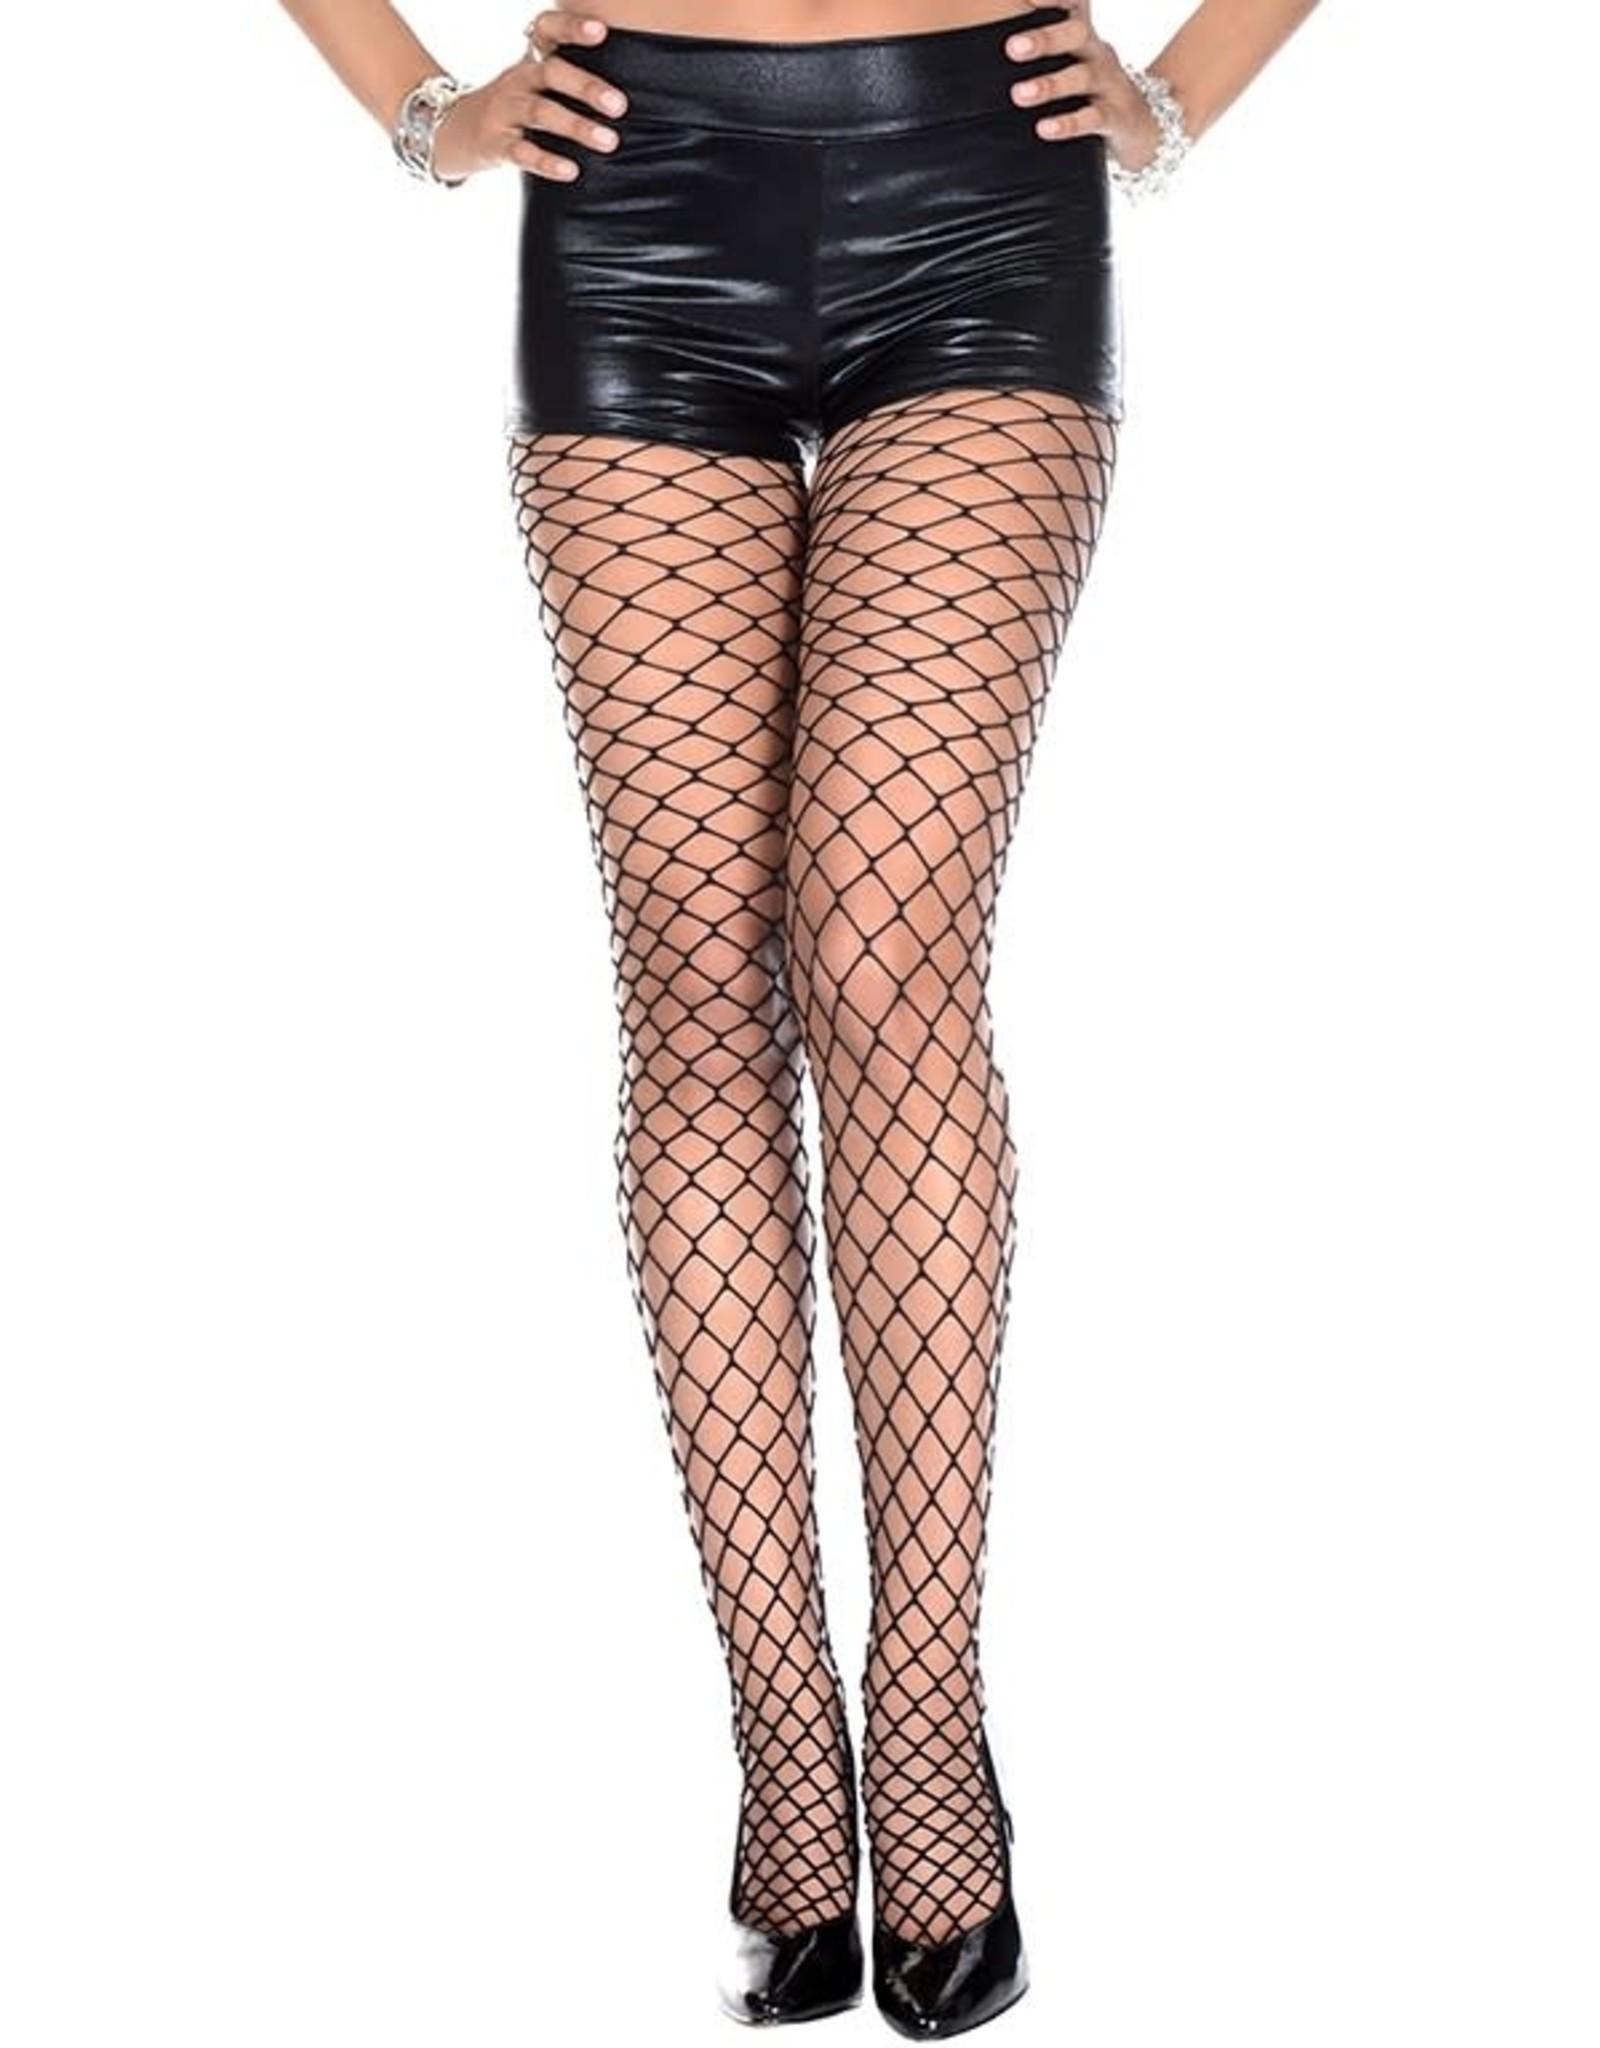 MUSIC LEGS - Thick  Diamond Net Pantyhose